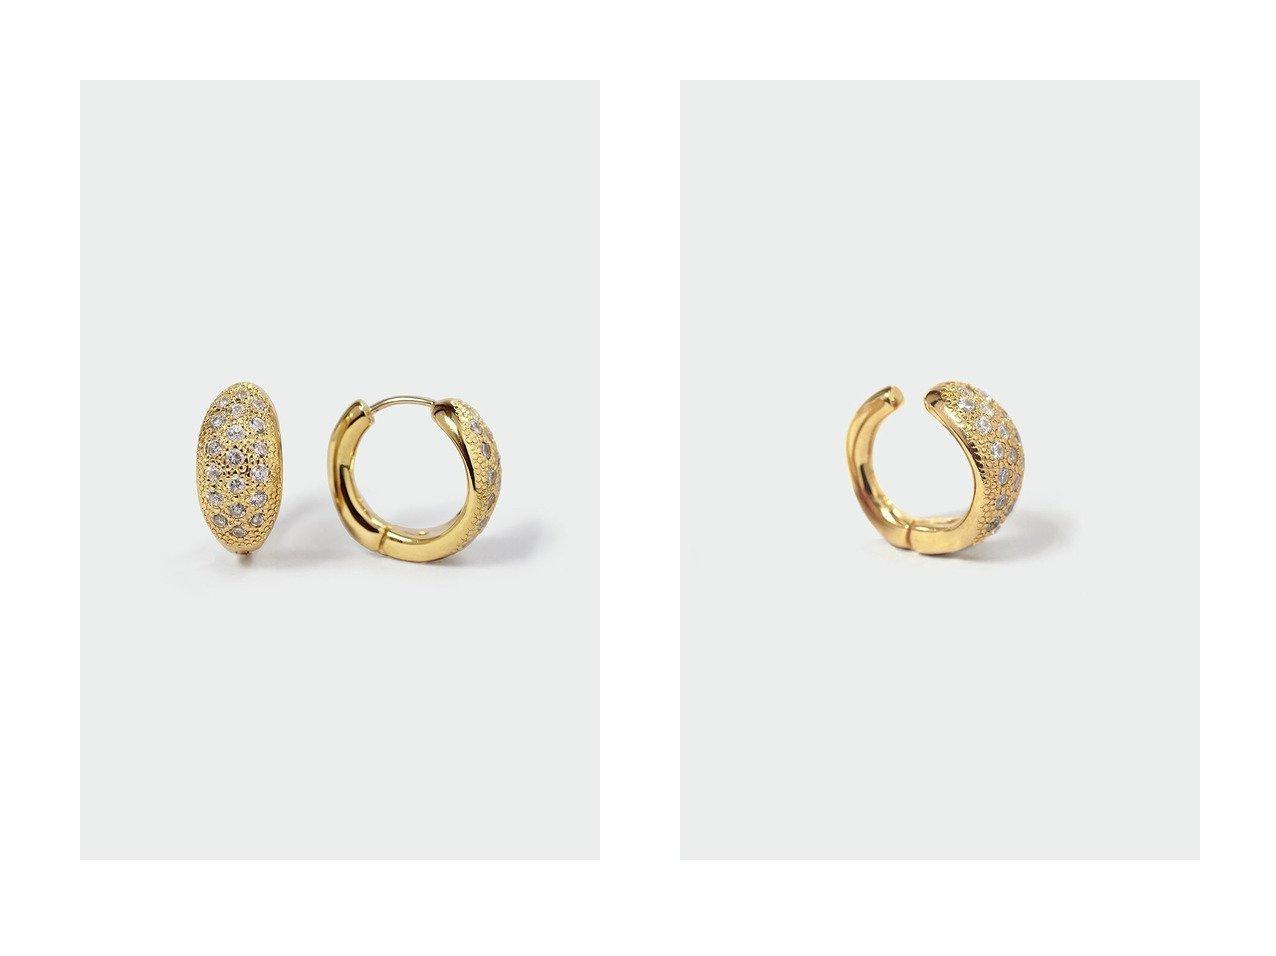 【AYAMI jewelry/アヤミ ジュエリー】のMarquise Pave ピアス&Marquise Pave イヤリング(片耳用) 【アクセサリー・ジュエリー】おすすめ!人気、トレンド・レディースファッションの通販 おすすめで人気の流行・トレンド、ファッションの通販商品 インテリア・家具・メンズファッション・キッズファッション・レディースファッション・服の通販 founy(ファニー) https://founy.com/ ファッション Fashion レディースファッション WOMEN ジュエリー Jewelry リング Rings イヤリング Earrings イヤリング フォルム ラグジュアリー 再入荷 Restock/Back in Stock/Re Arrival 片耳  ID:crp329100000072211